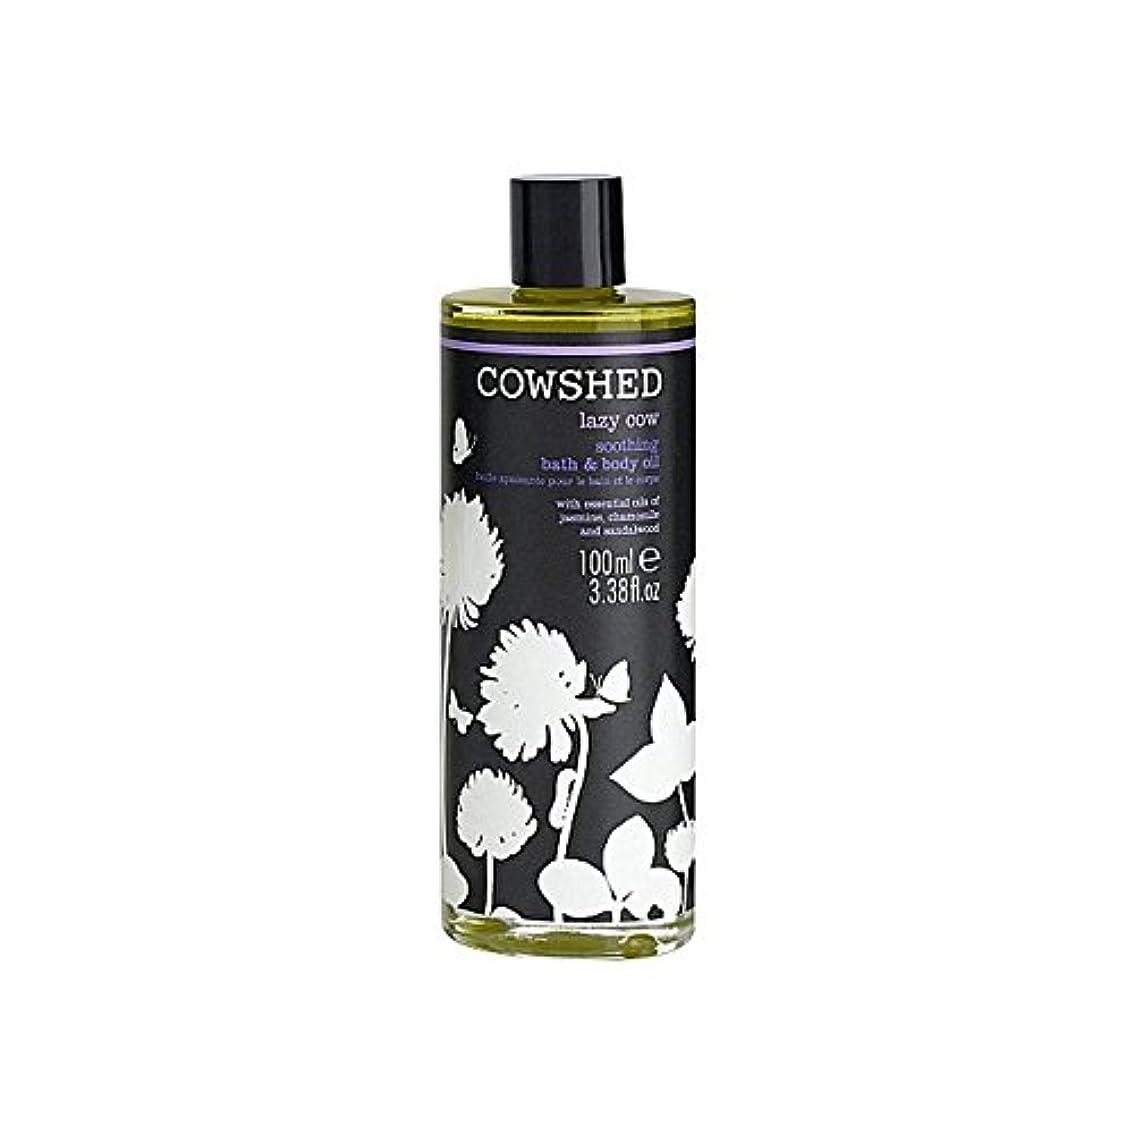 新鮮な間違っている中止しますCowshed Lazy Cow Soothing Bath & Body Oil 100ml (Pack of 6) - バス&ボディオイル100ミリリットルをなだめる牛舎怠惰な牛 x6 [並行輸入品]